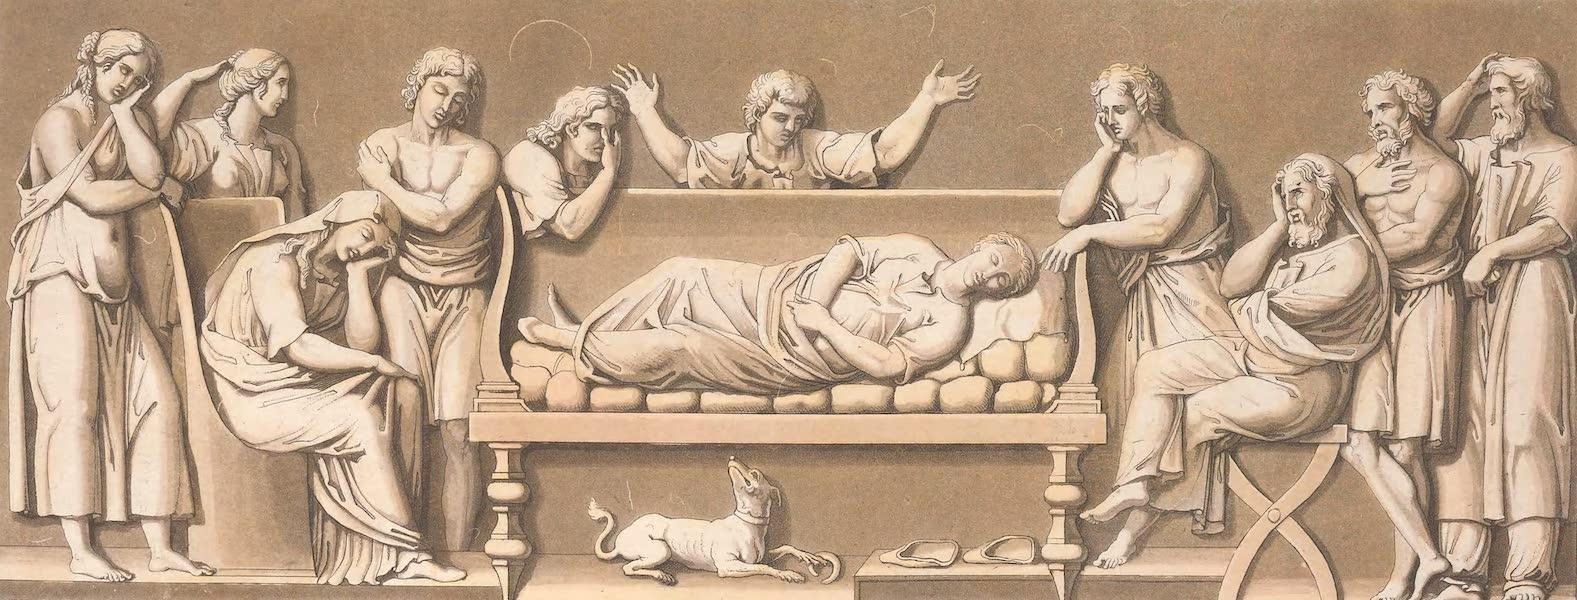 Le Costume Ancien et Moderne [Europe] Vol. 2 - XXXVI. Funerailles ordinaires (1820)